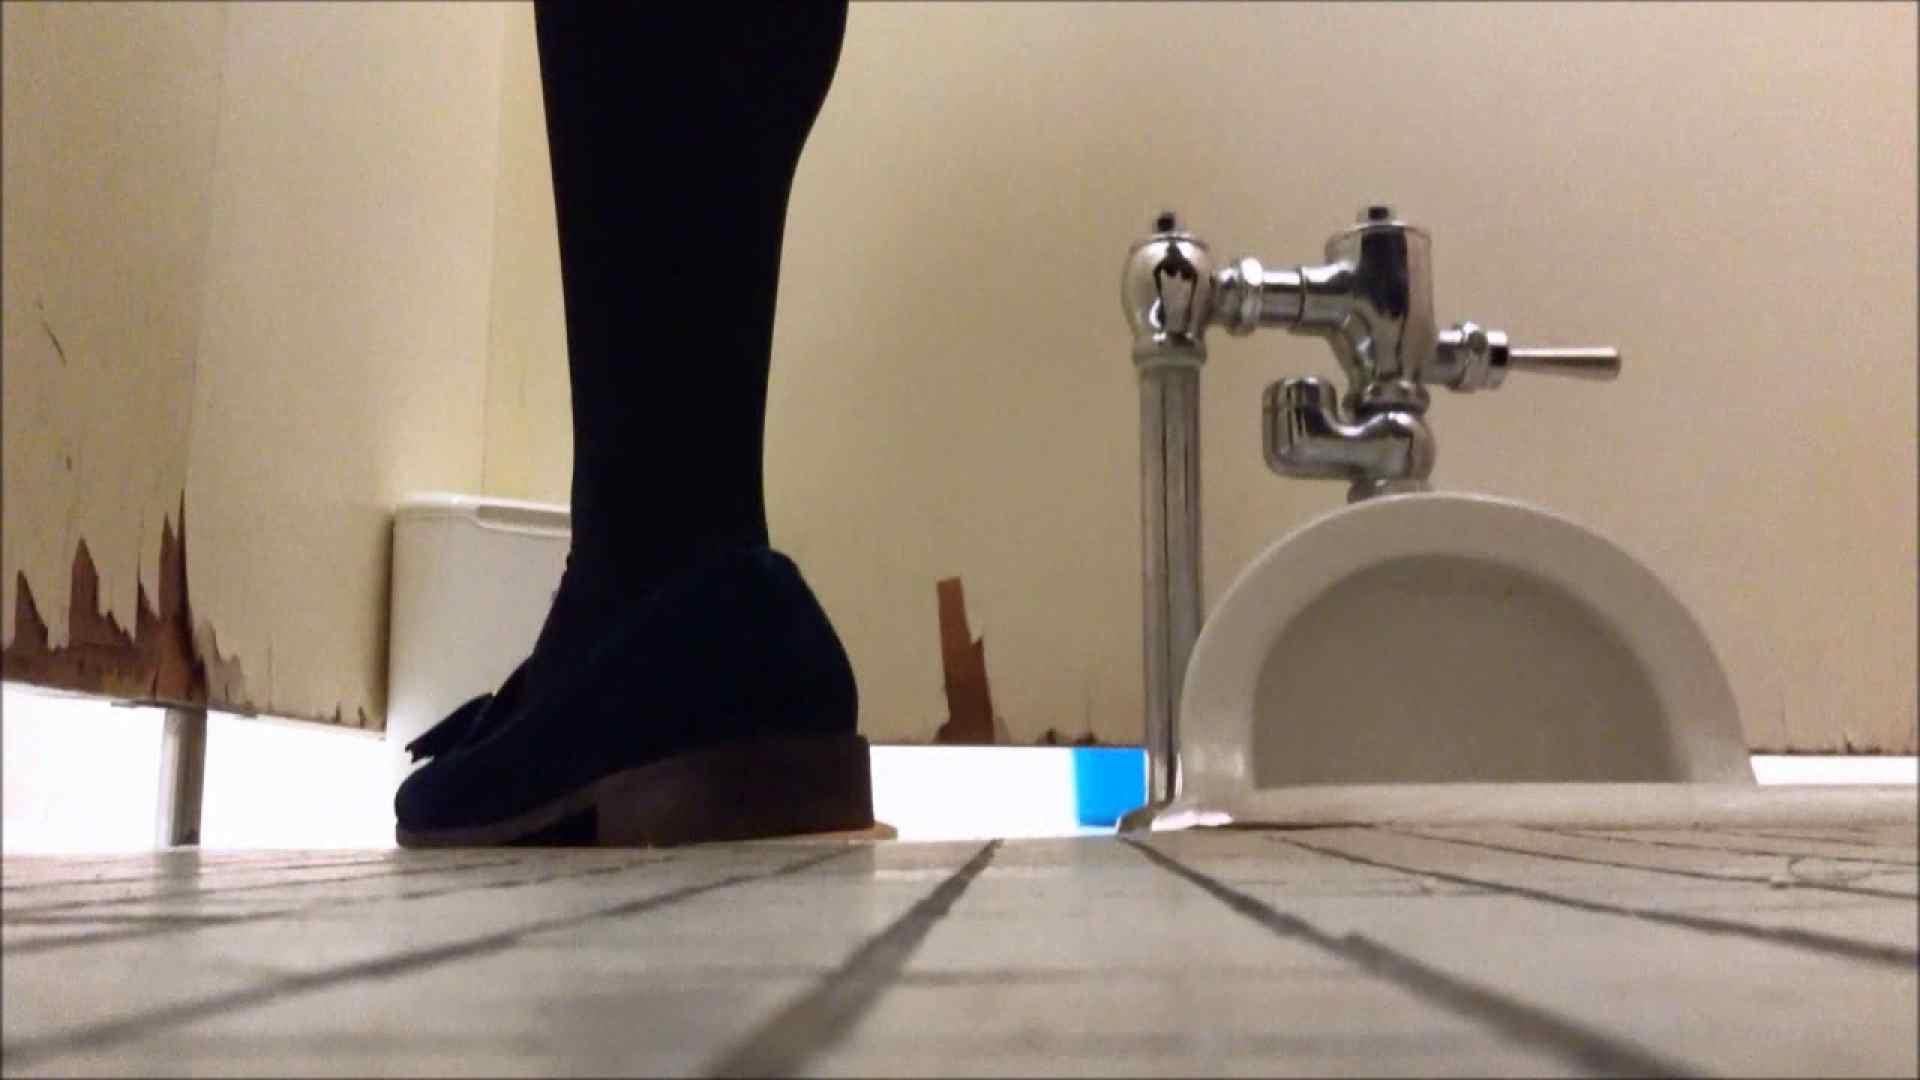 某有名大学女性洗面所 vol.11 OLエロ画像 盗撮動画紹介 74PICs 42